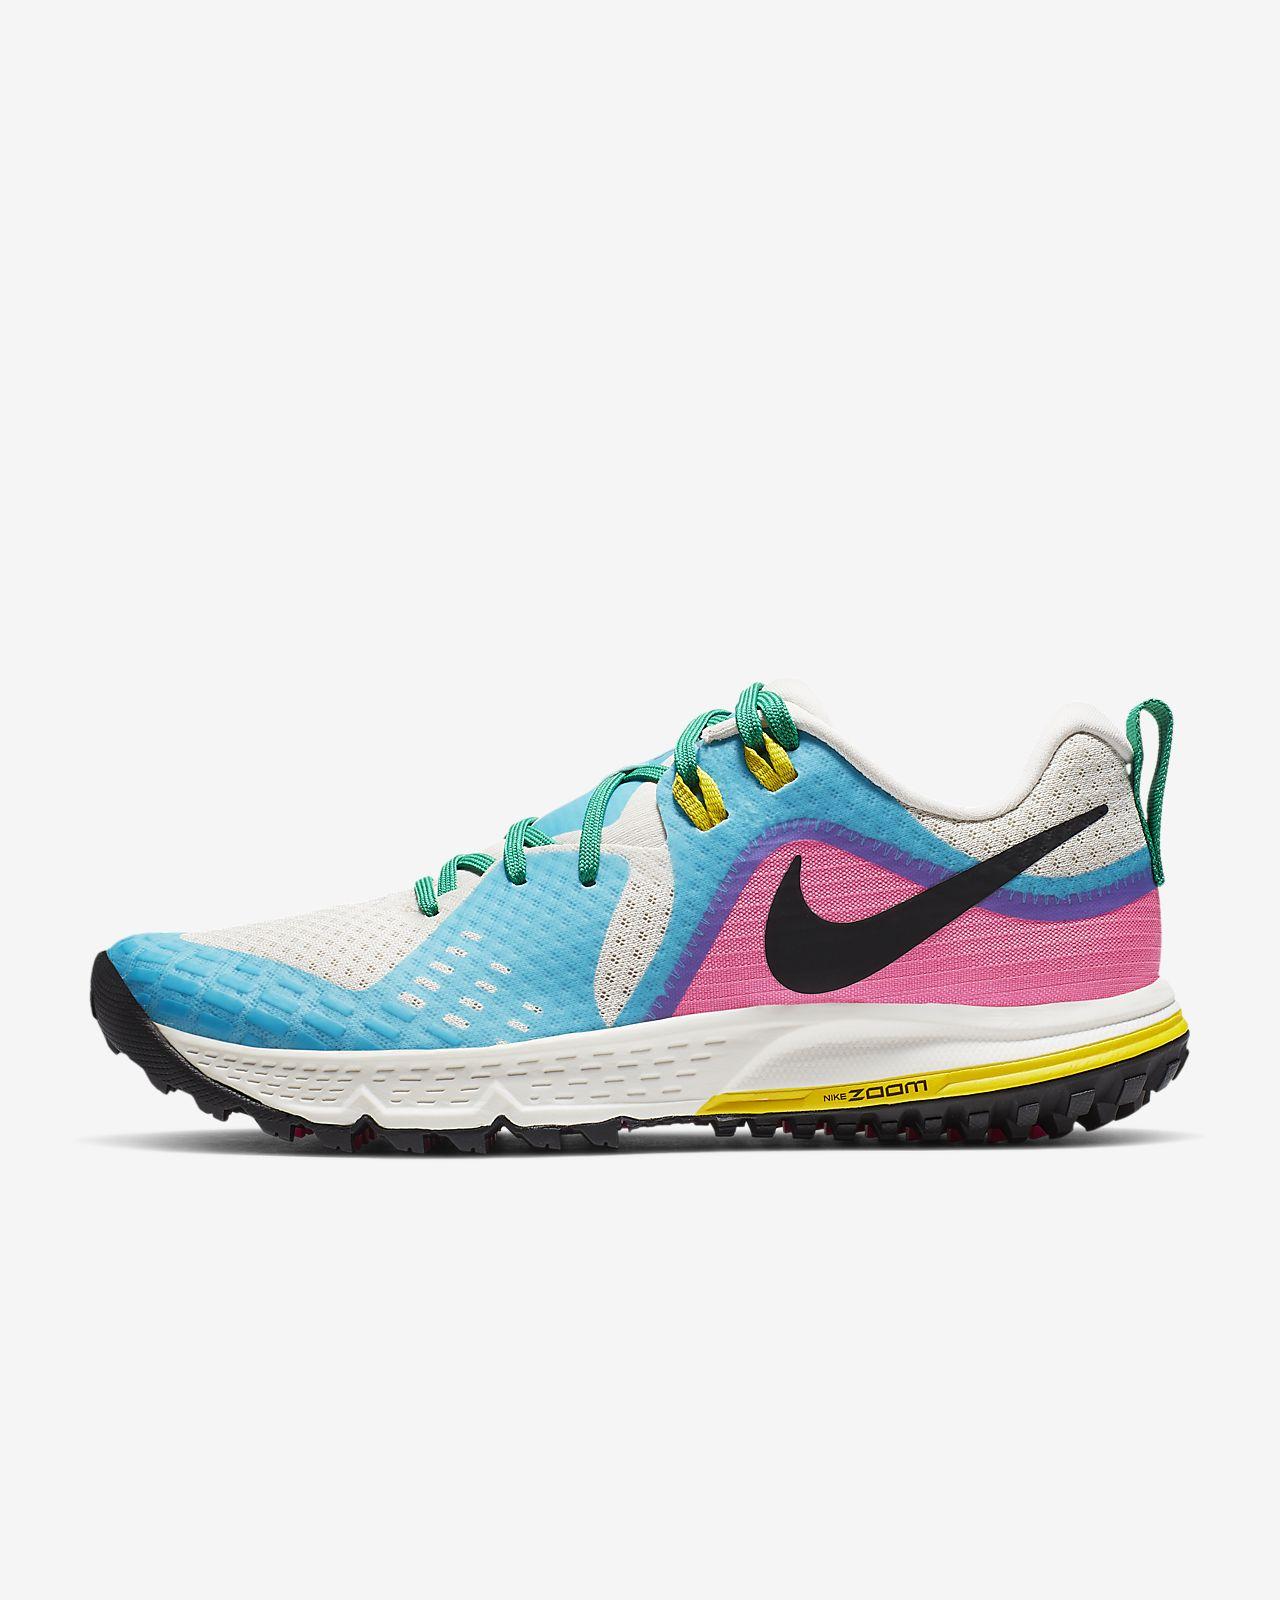 Nike Air Zoom Wildhorse 5 løpesko til dame